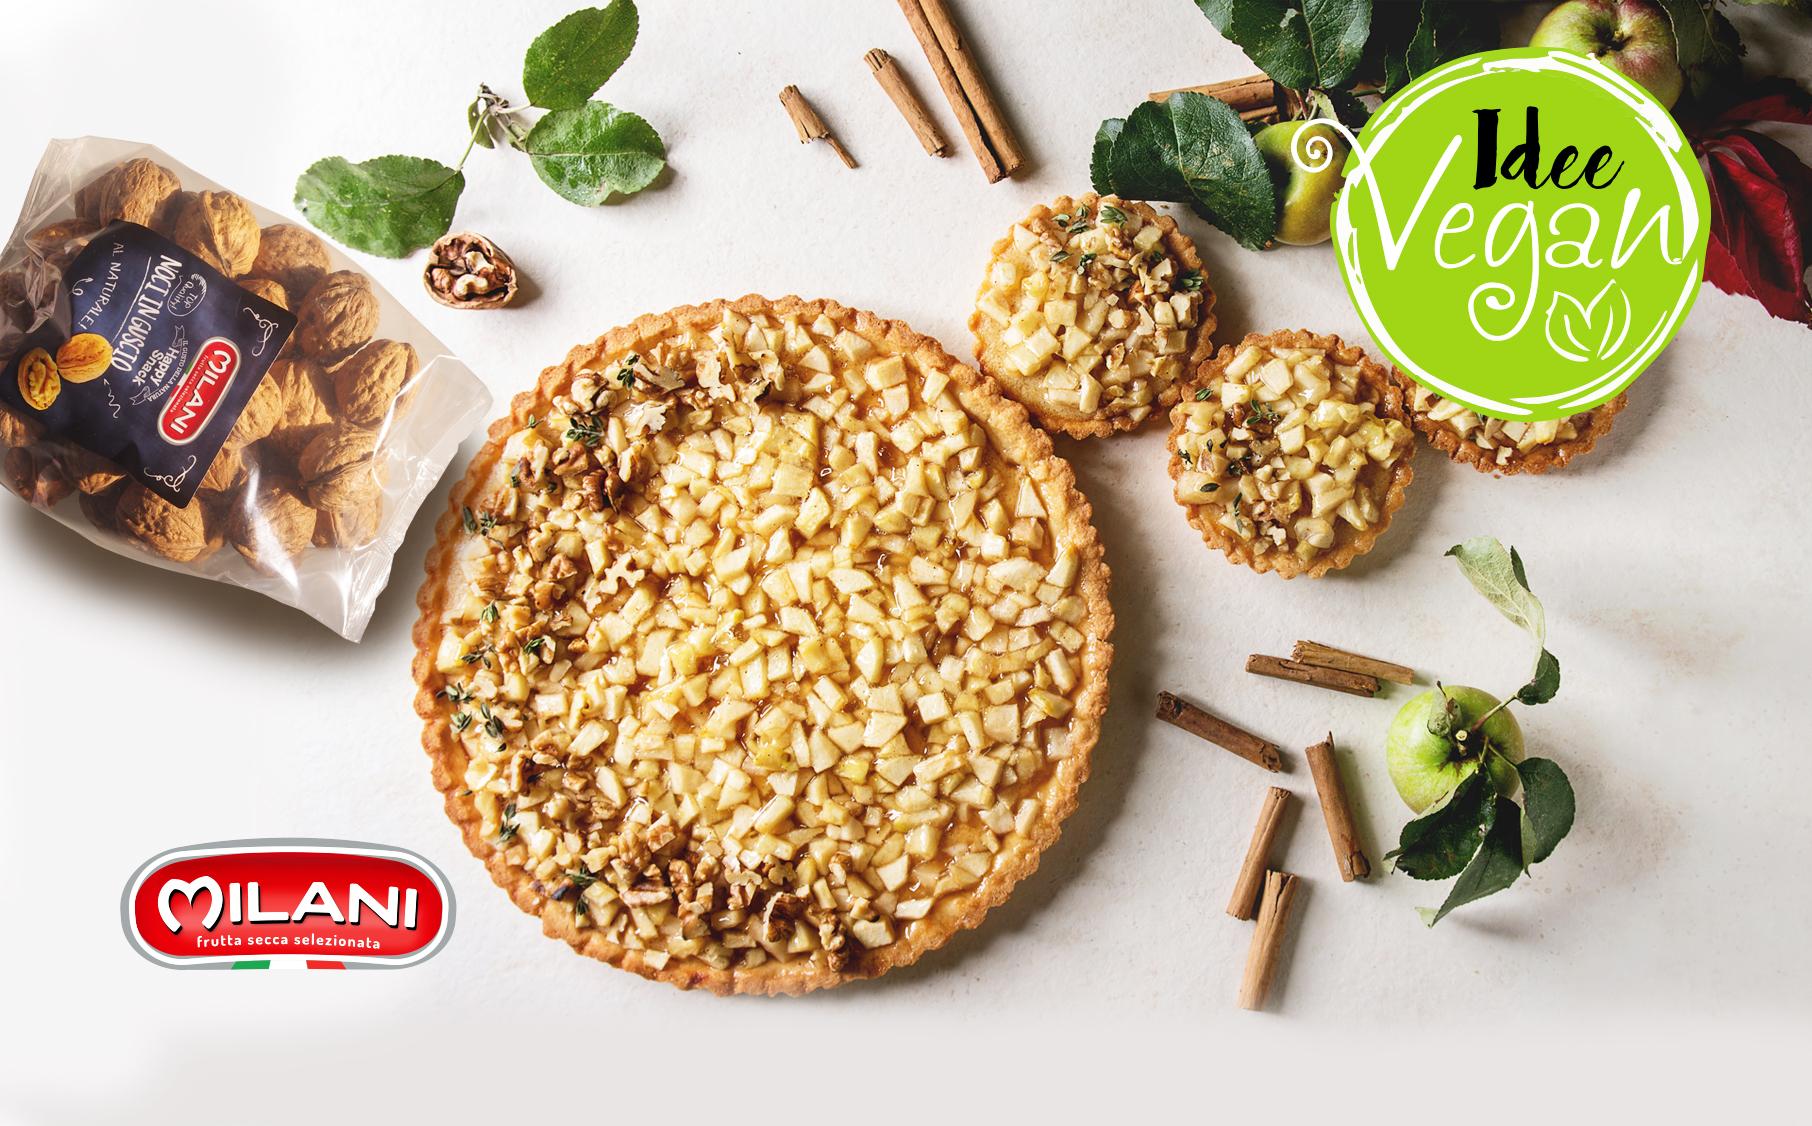 Idee vegan: torta alle mele e noci, senza burro, senza uova